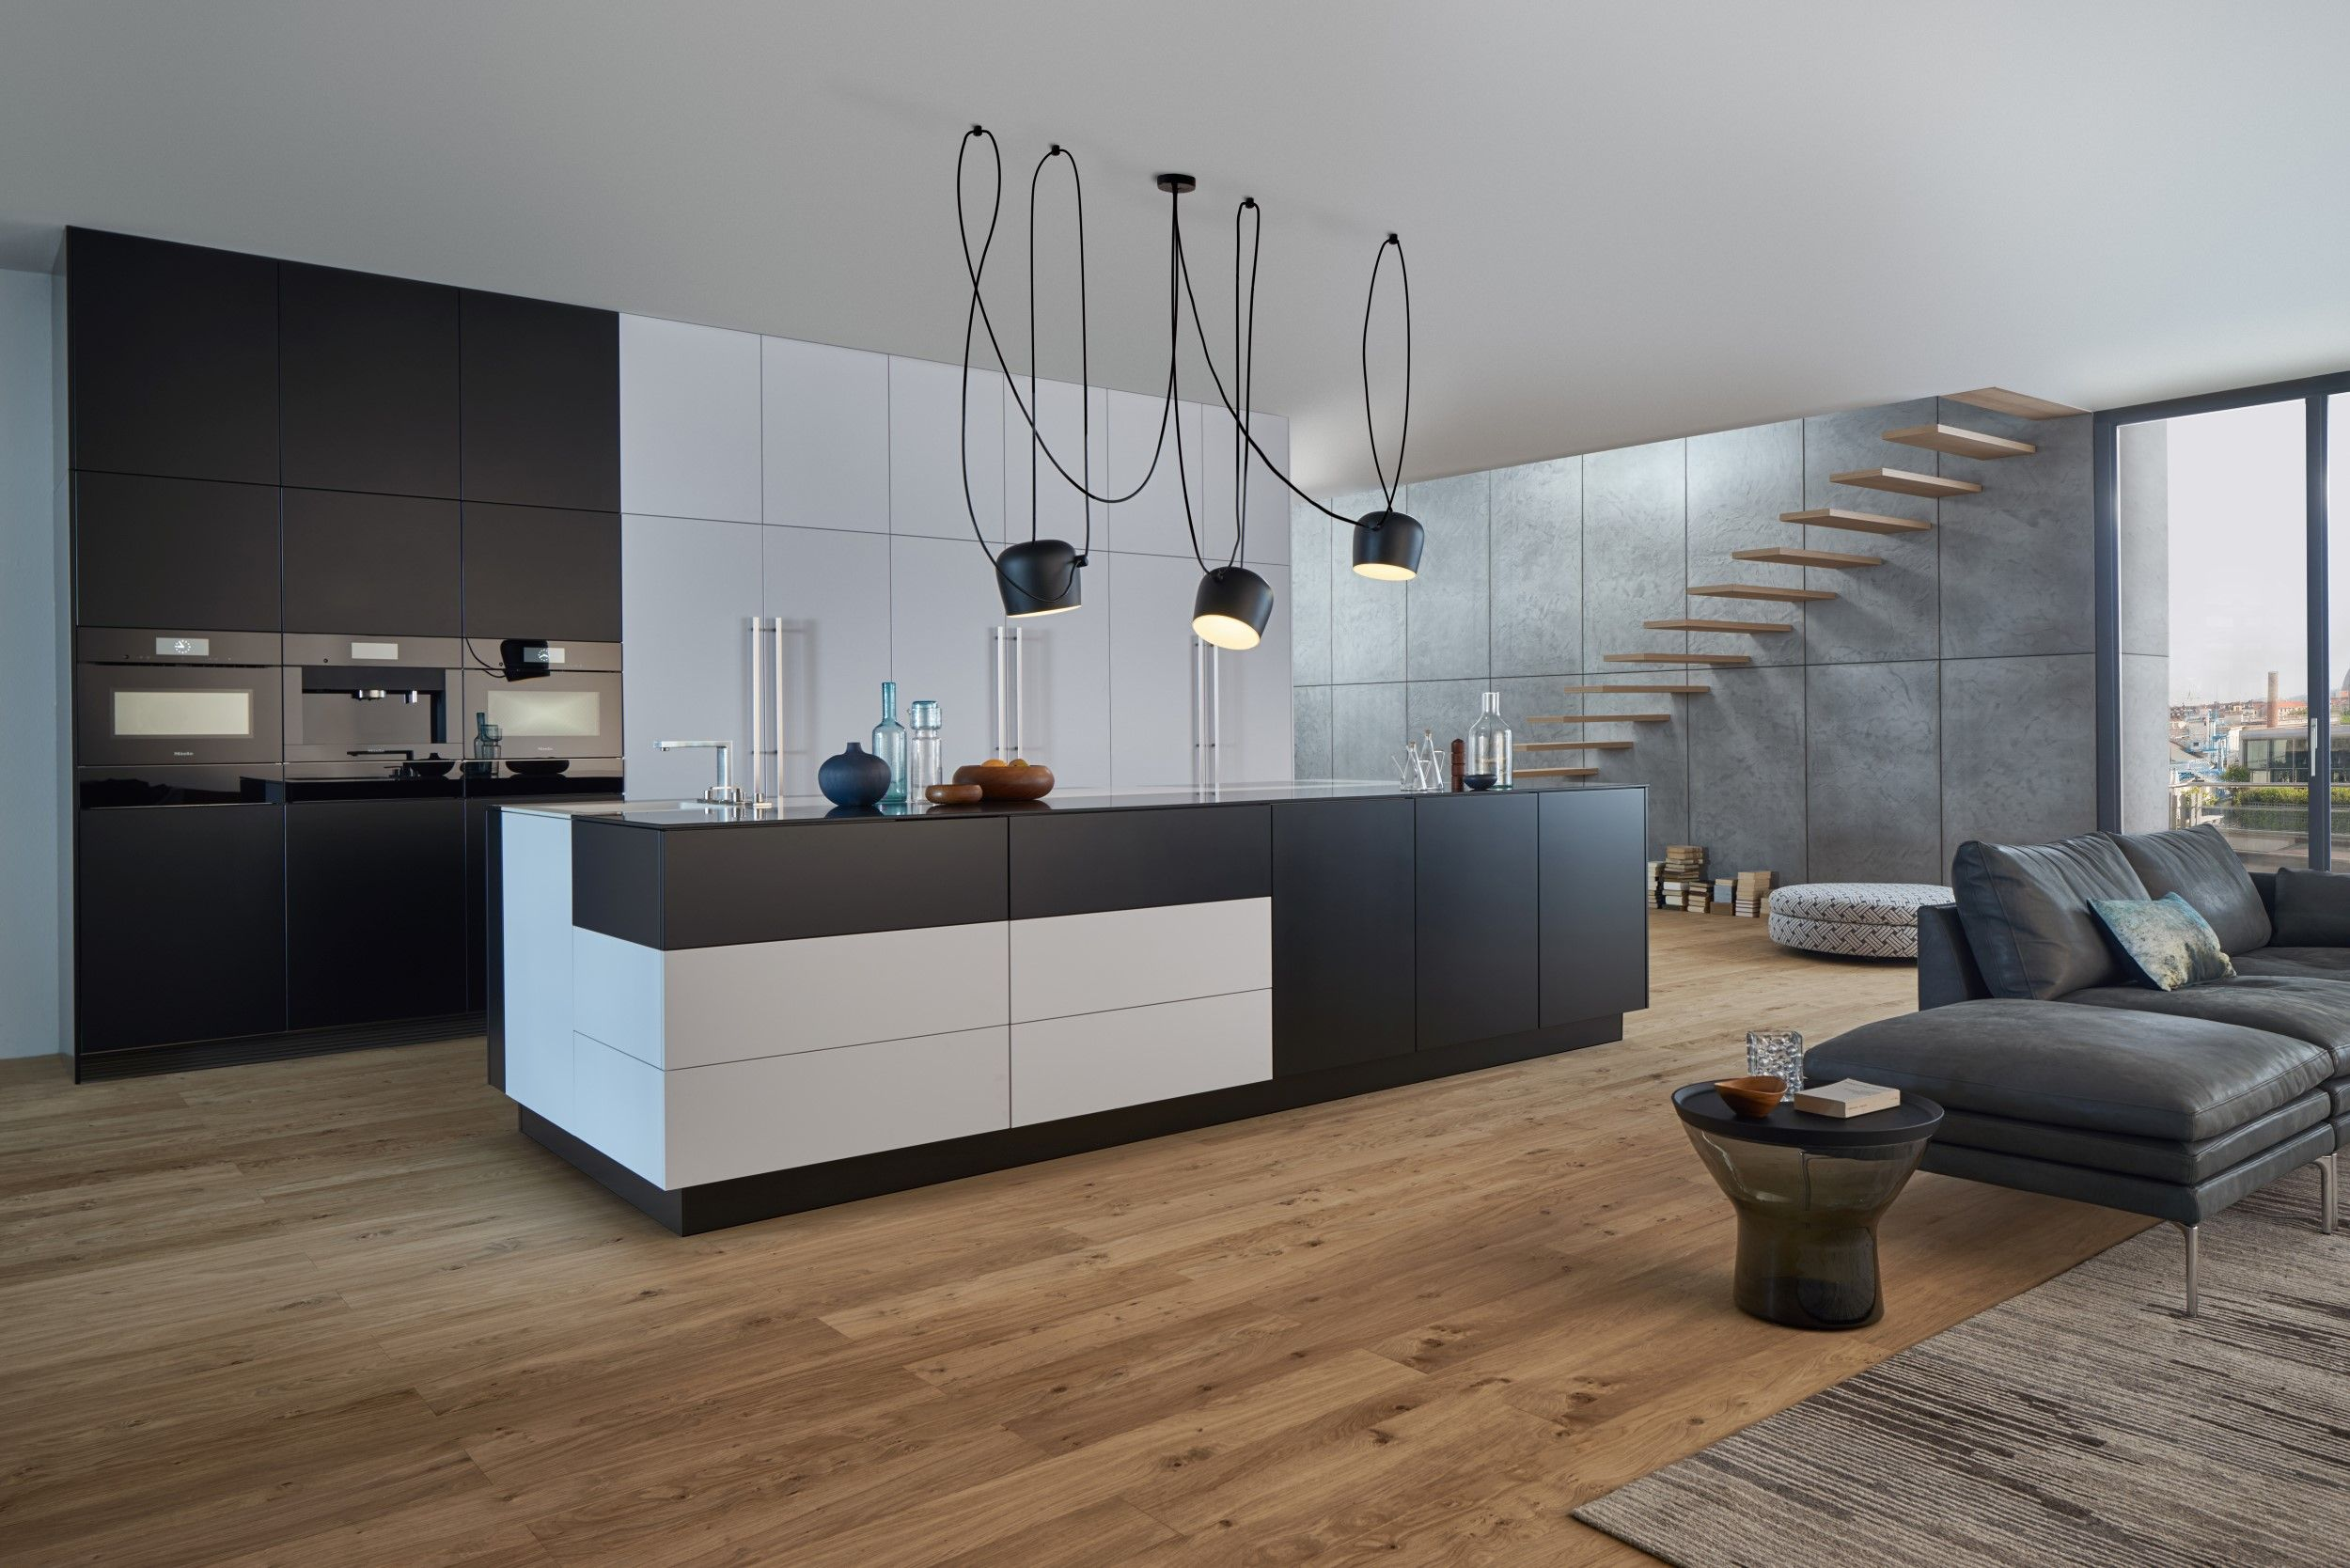 Leicht Keukens Ideeen : Leicht kitchen bondi int. fot. pinterest keuken keukens en